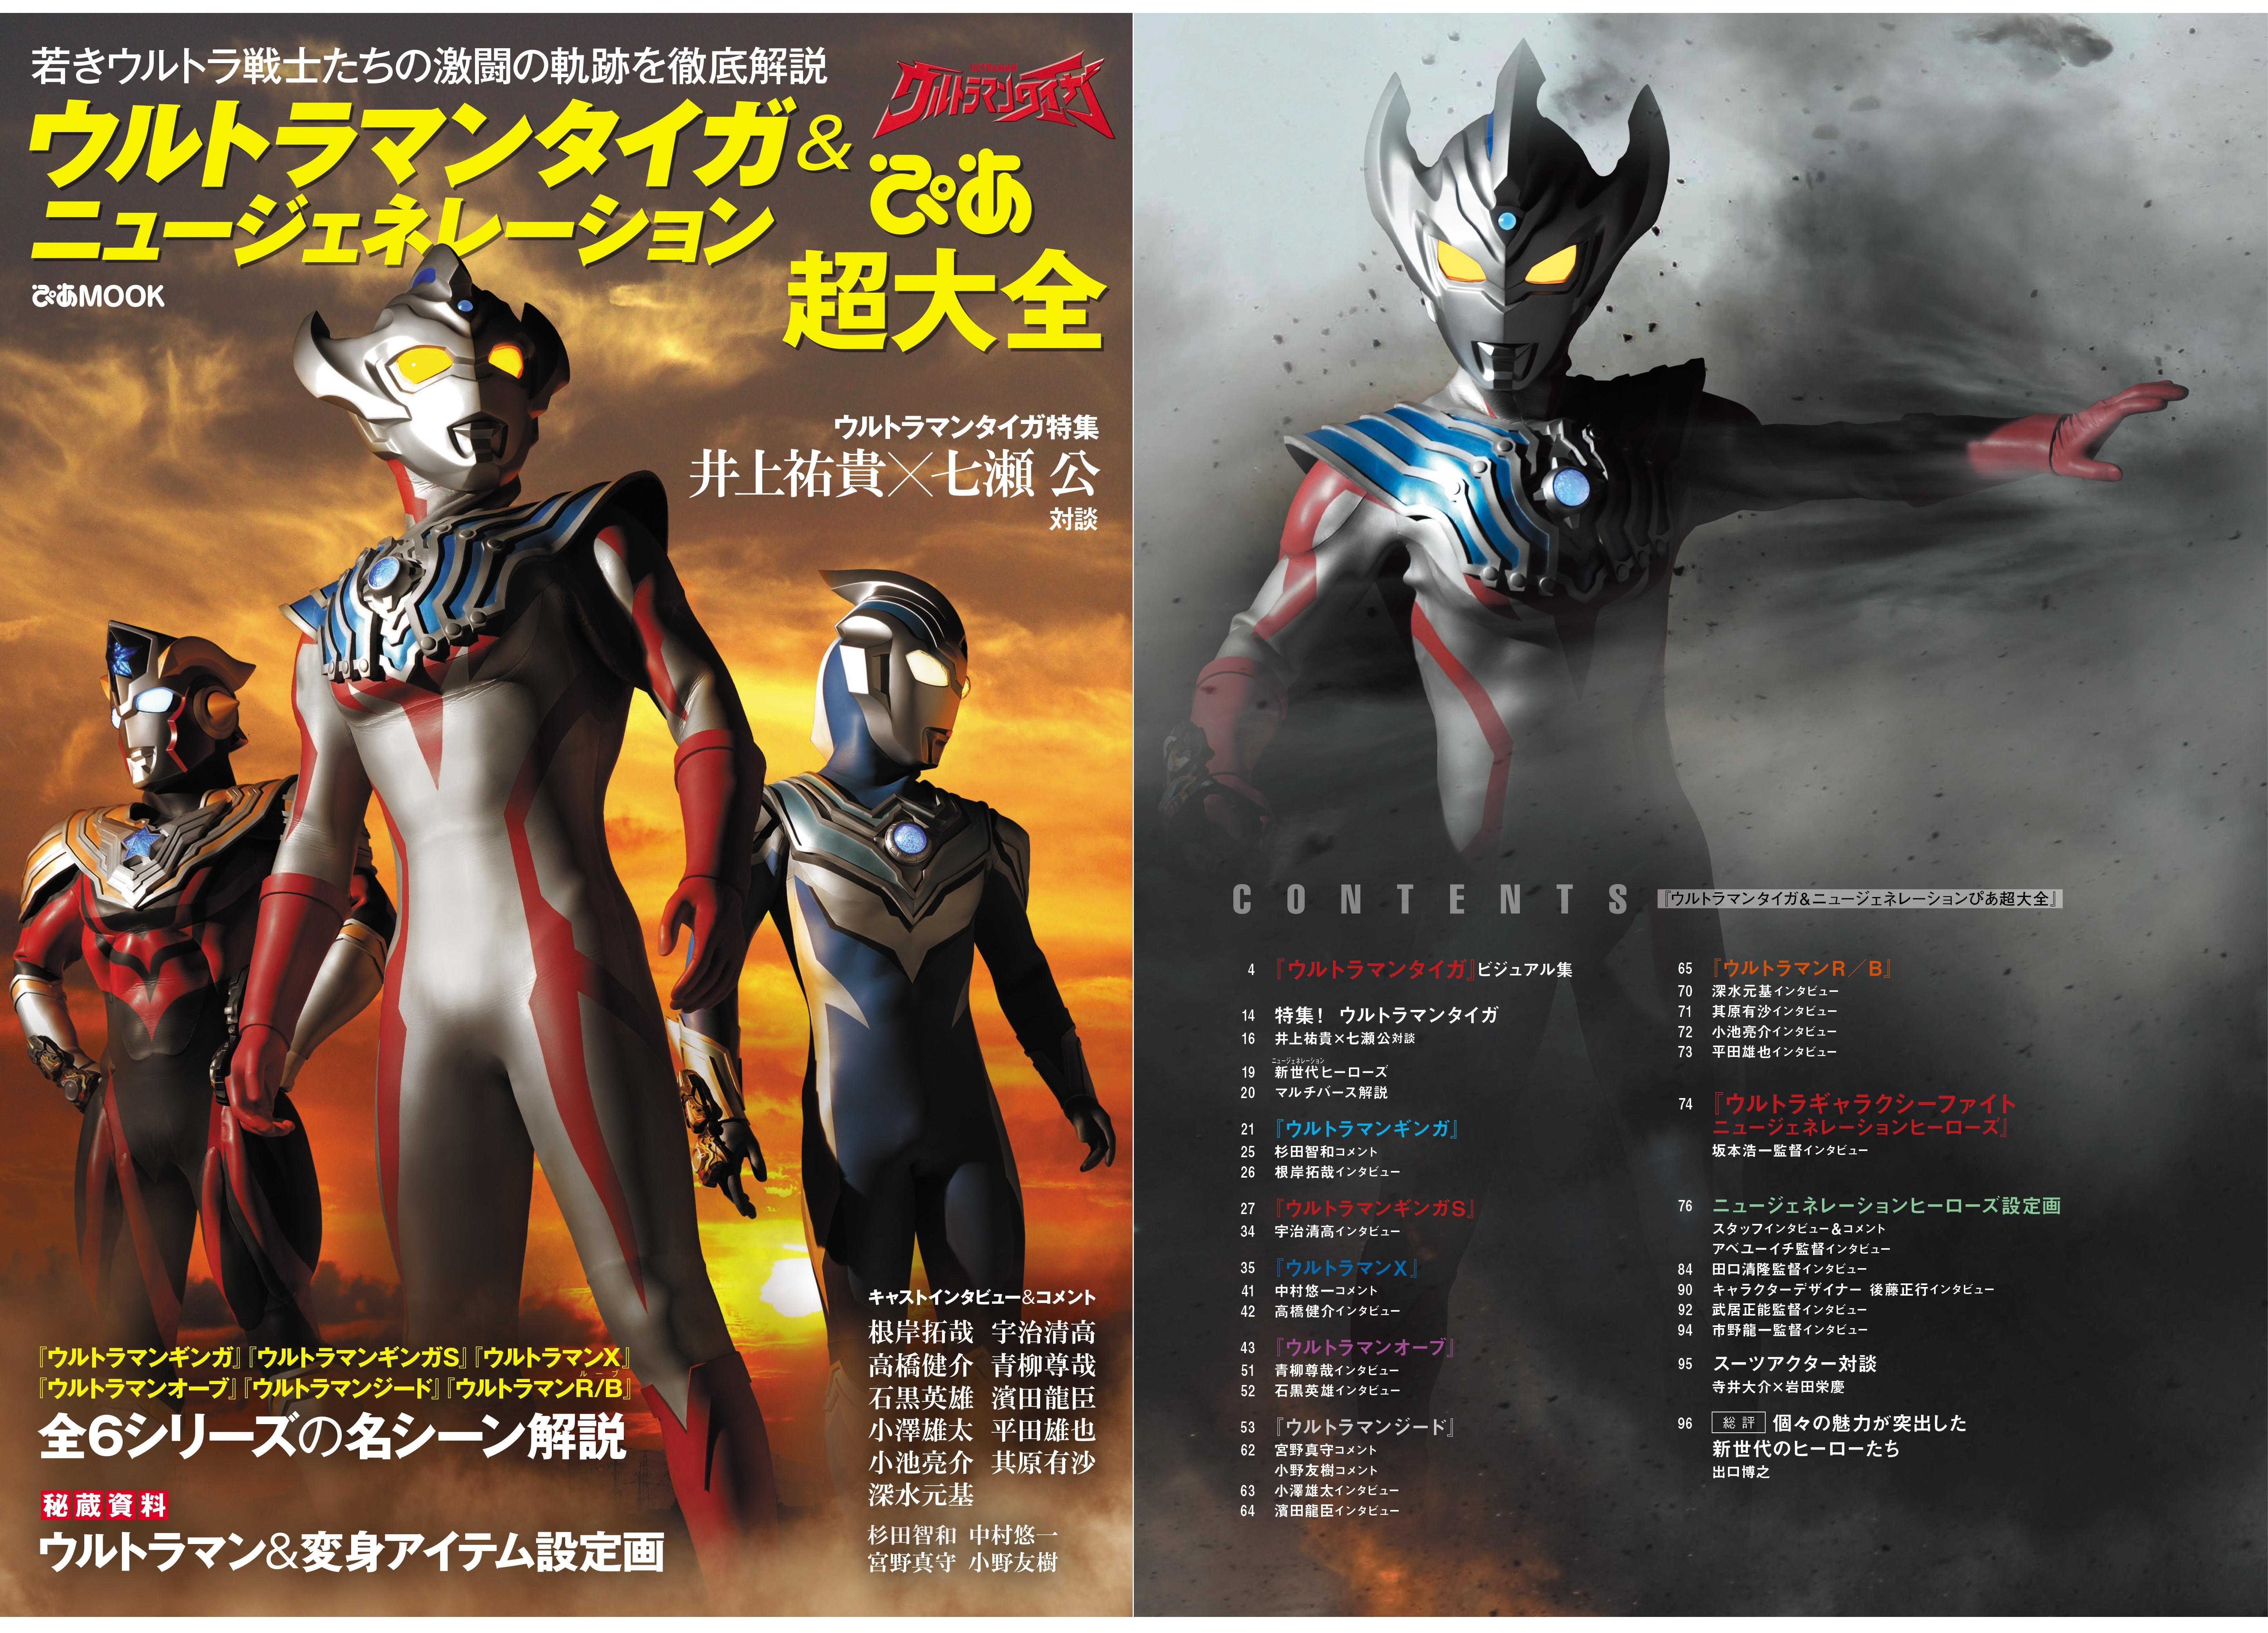 『ウルトラマンタイガ&ニュージェネレーションぴあ超大全』8月23日発売